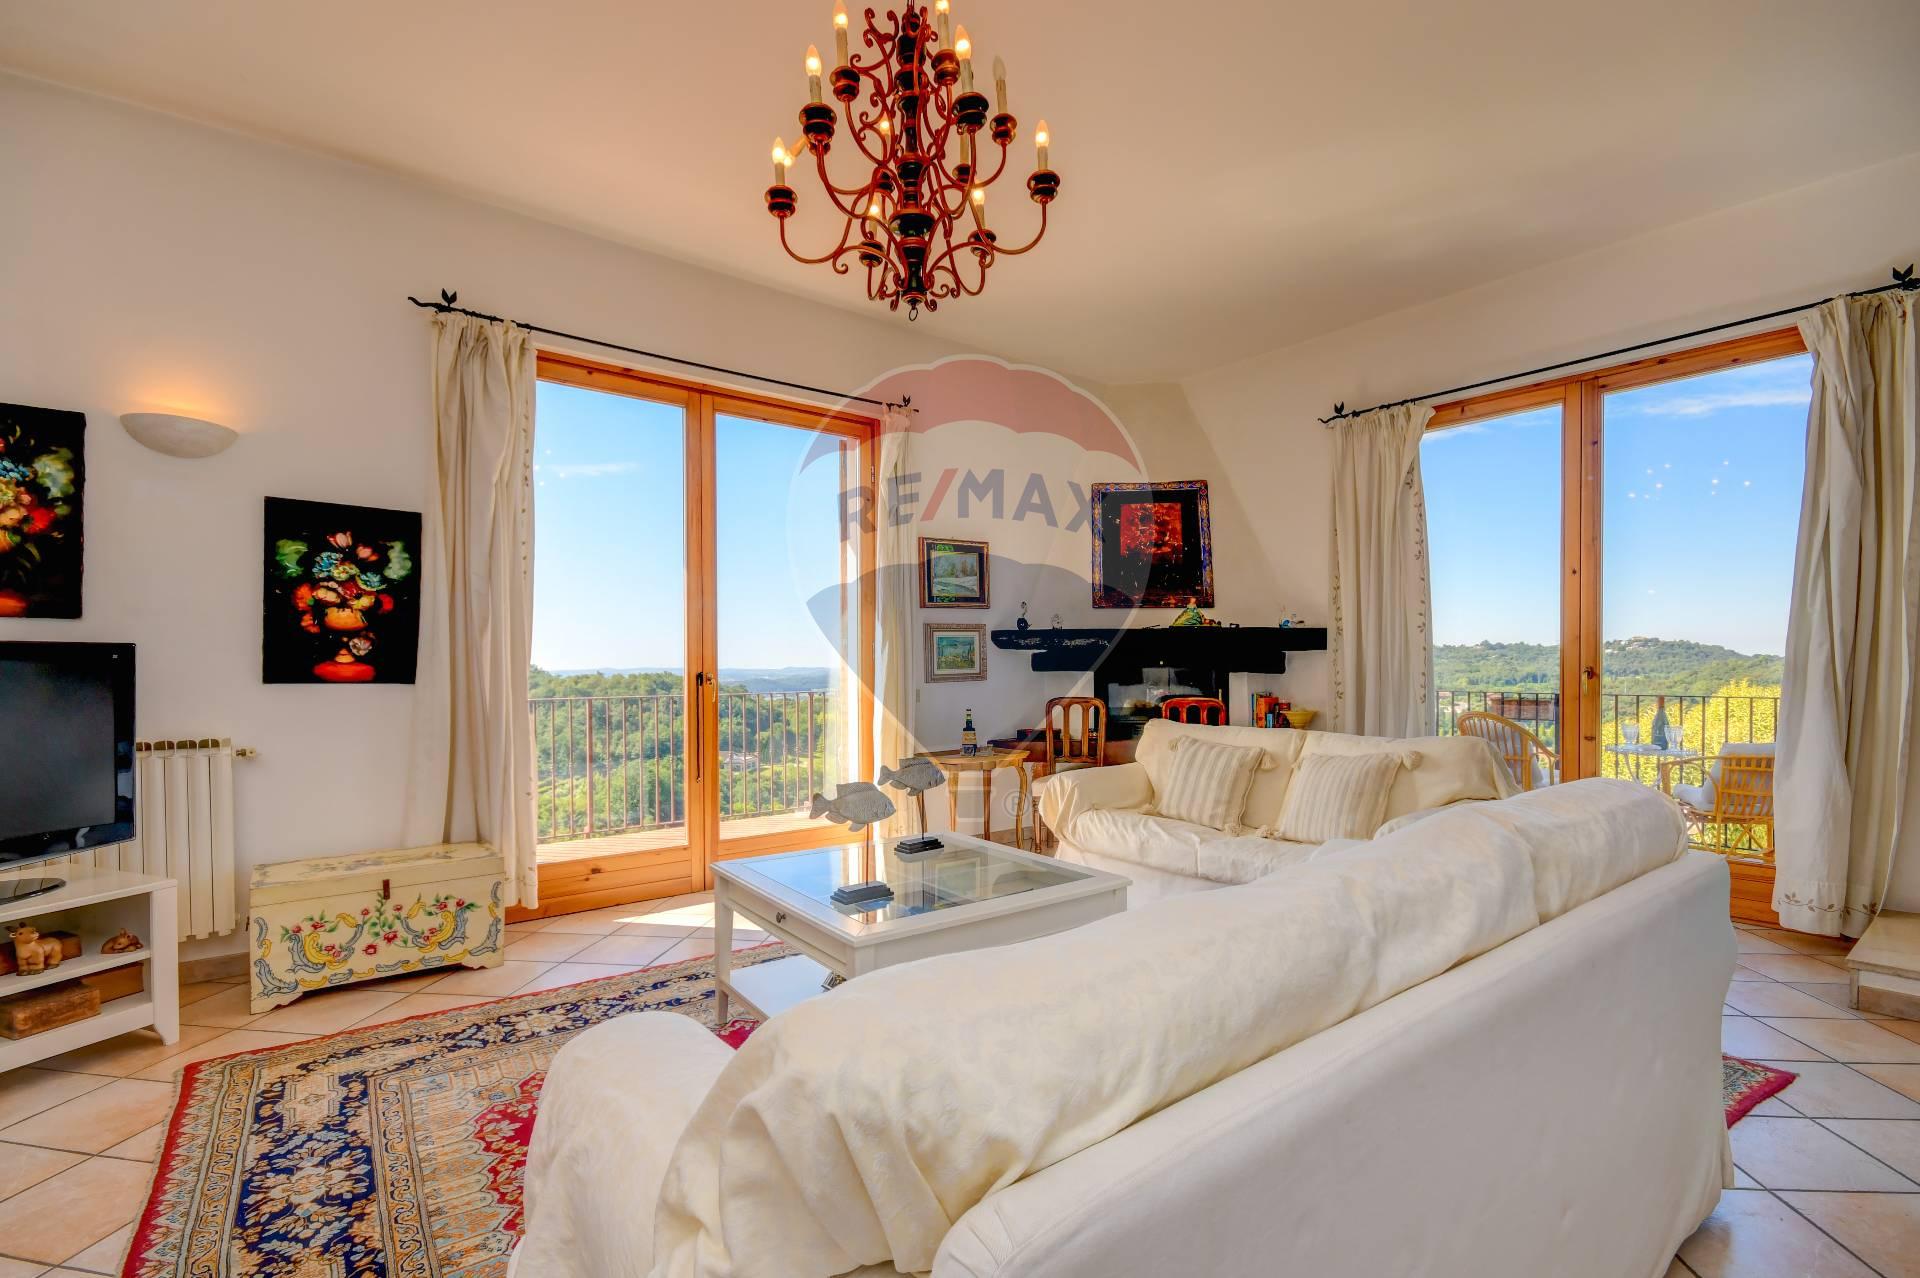 Appartamento in vendita a Soiano del Lago, 6 locali, prezzo € 275.000   CambioCasa.it